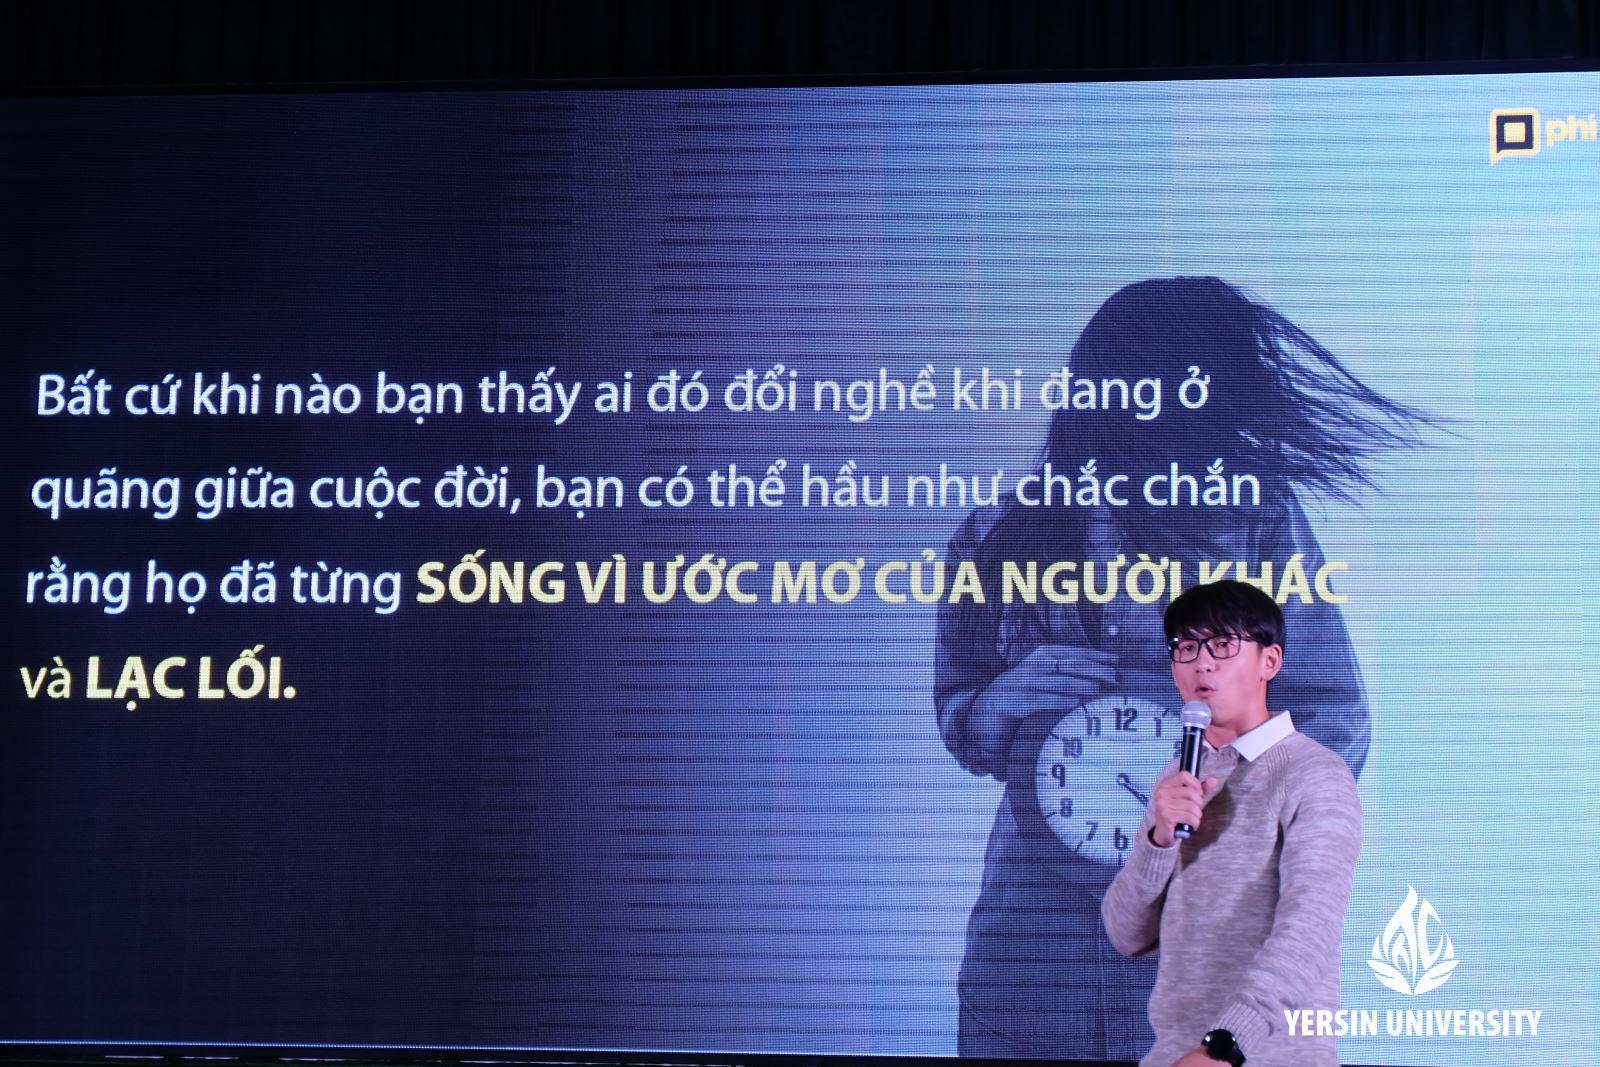 MC Quang Bảo